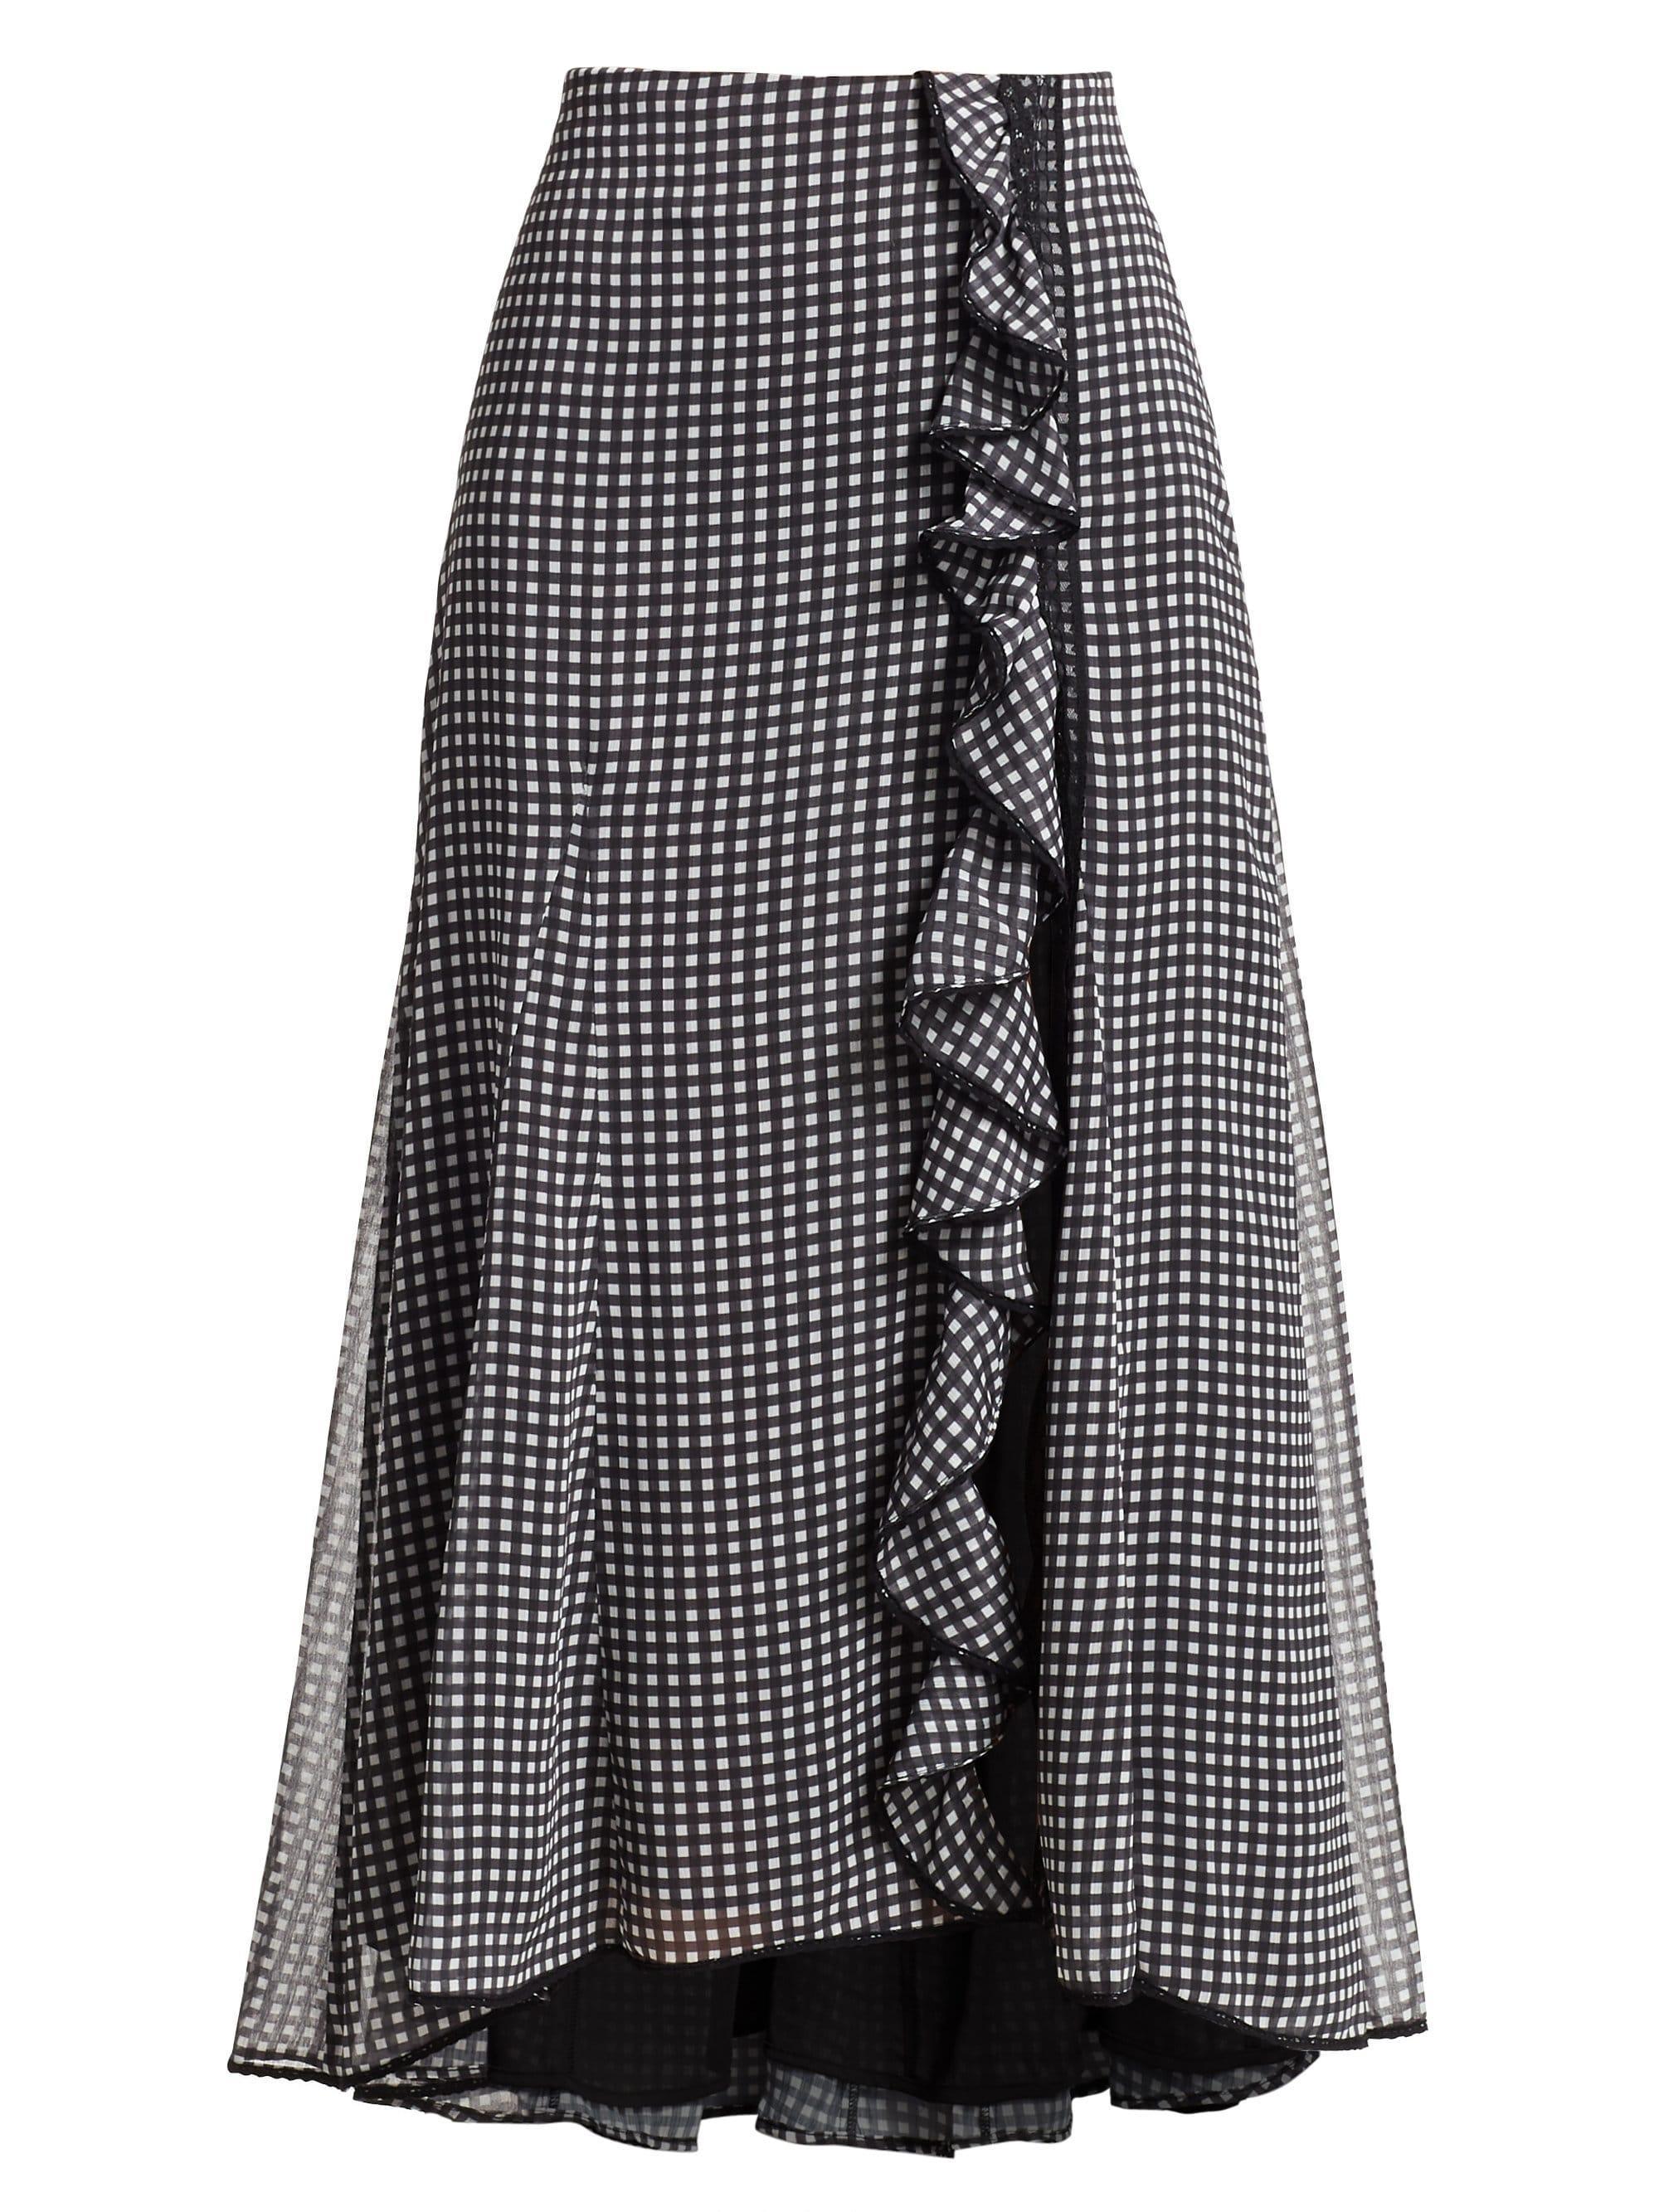 c4d60fdf0f86 Black And White Gingham Maxi Skirt